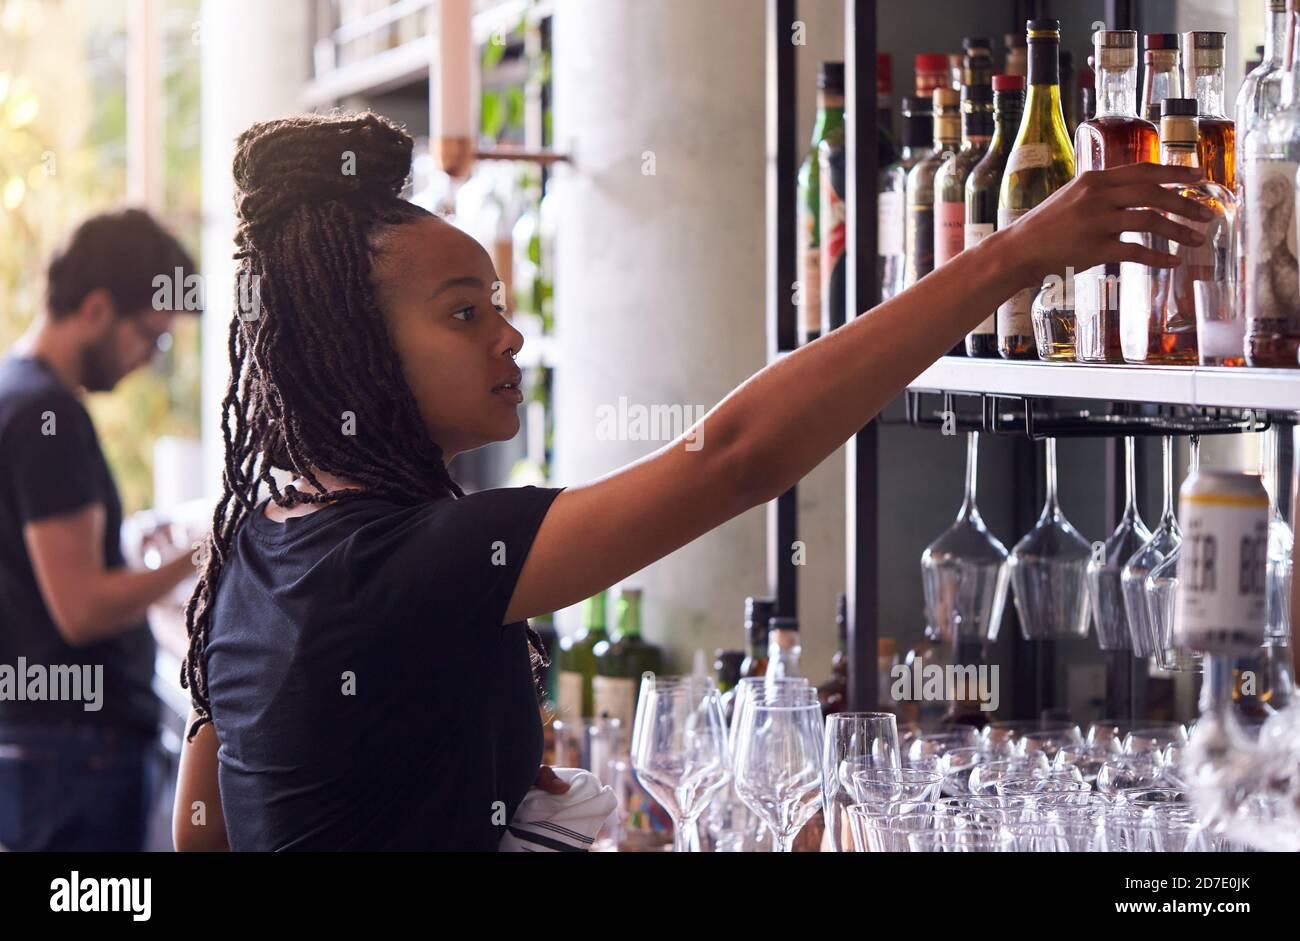 Femme Bartender organisant des bouteilles d'alcool derrière le bar Banque D'Images